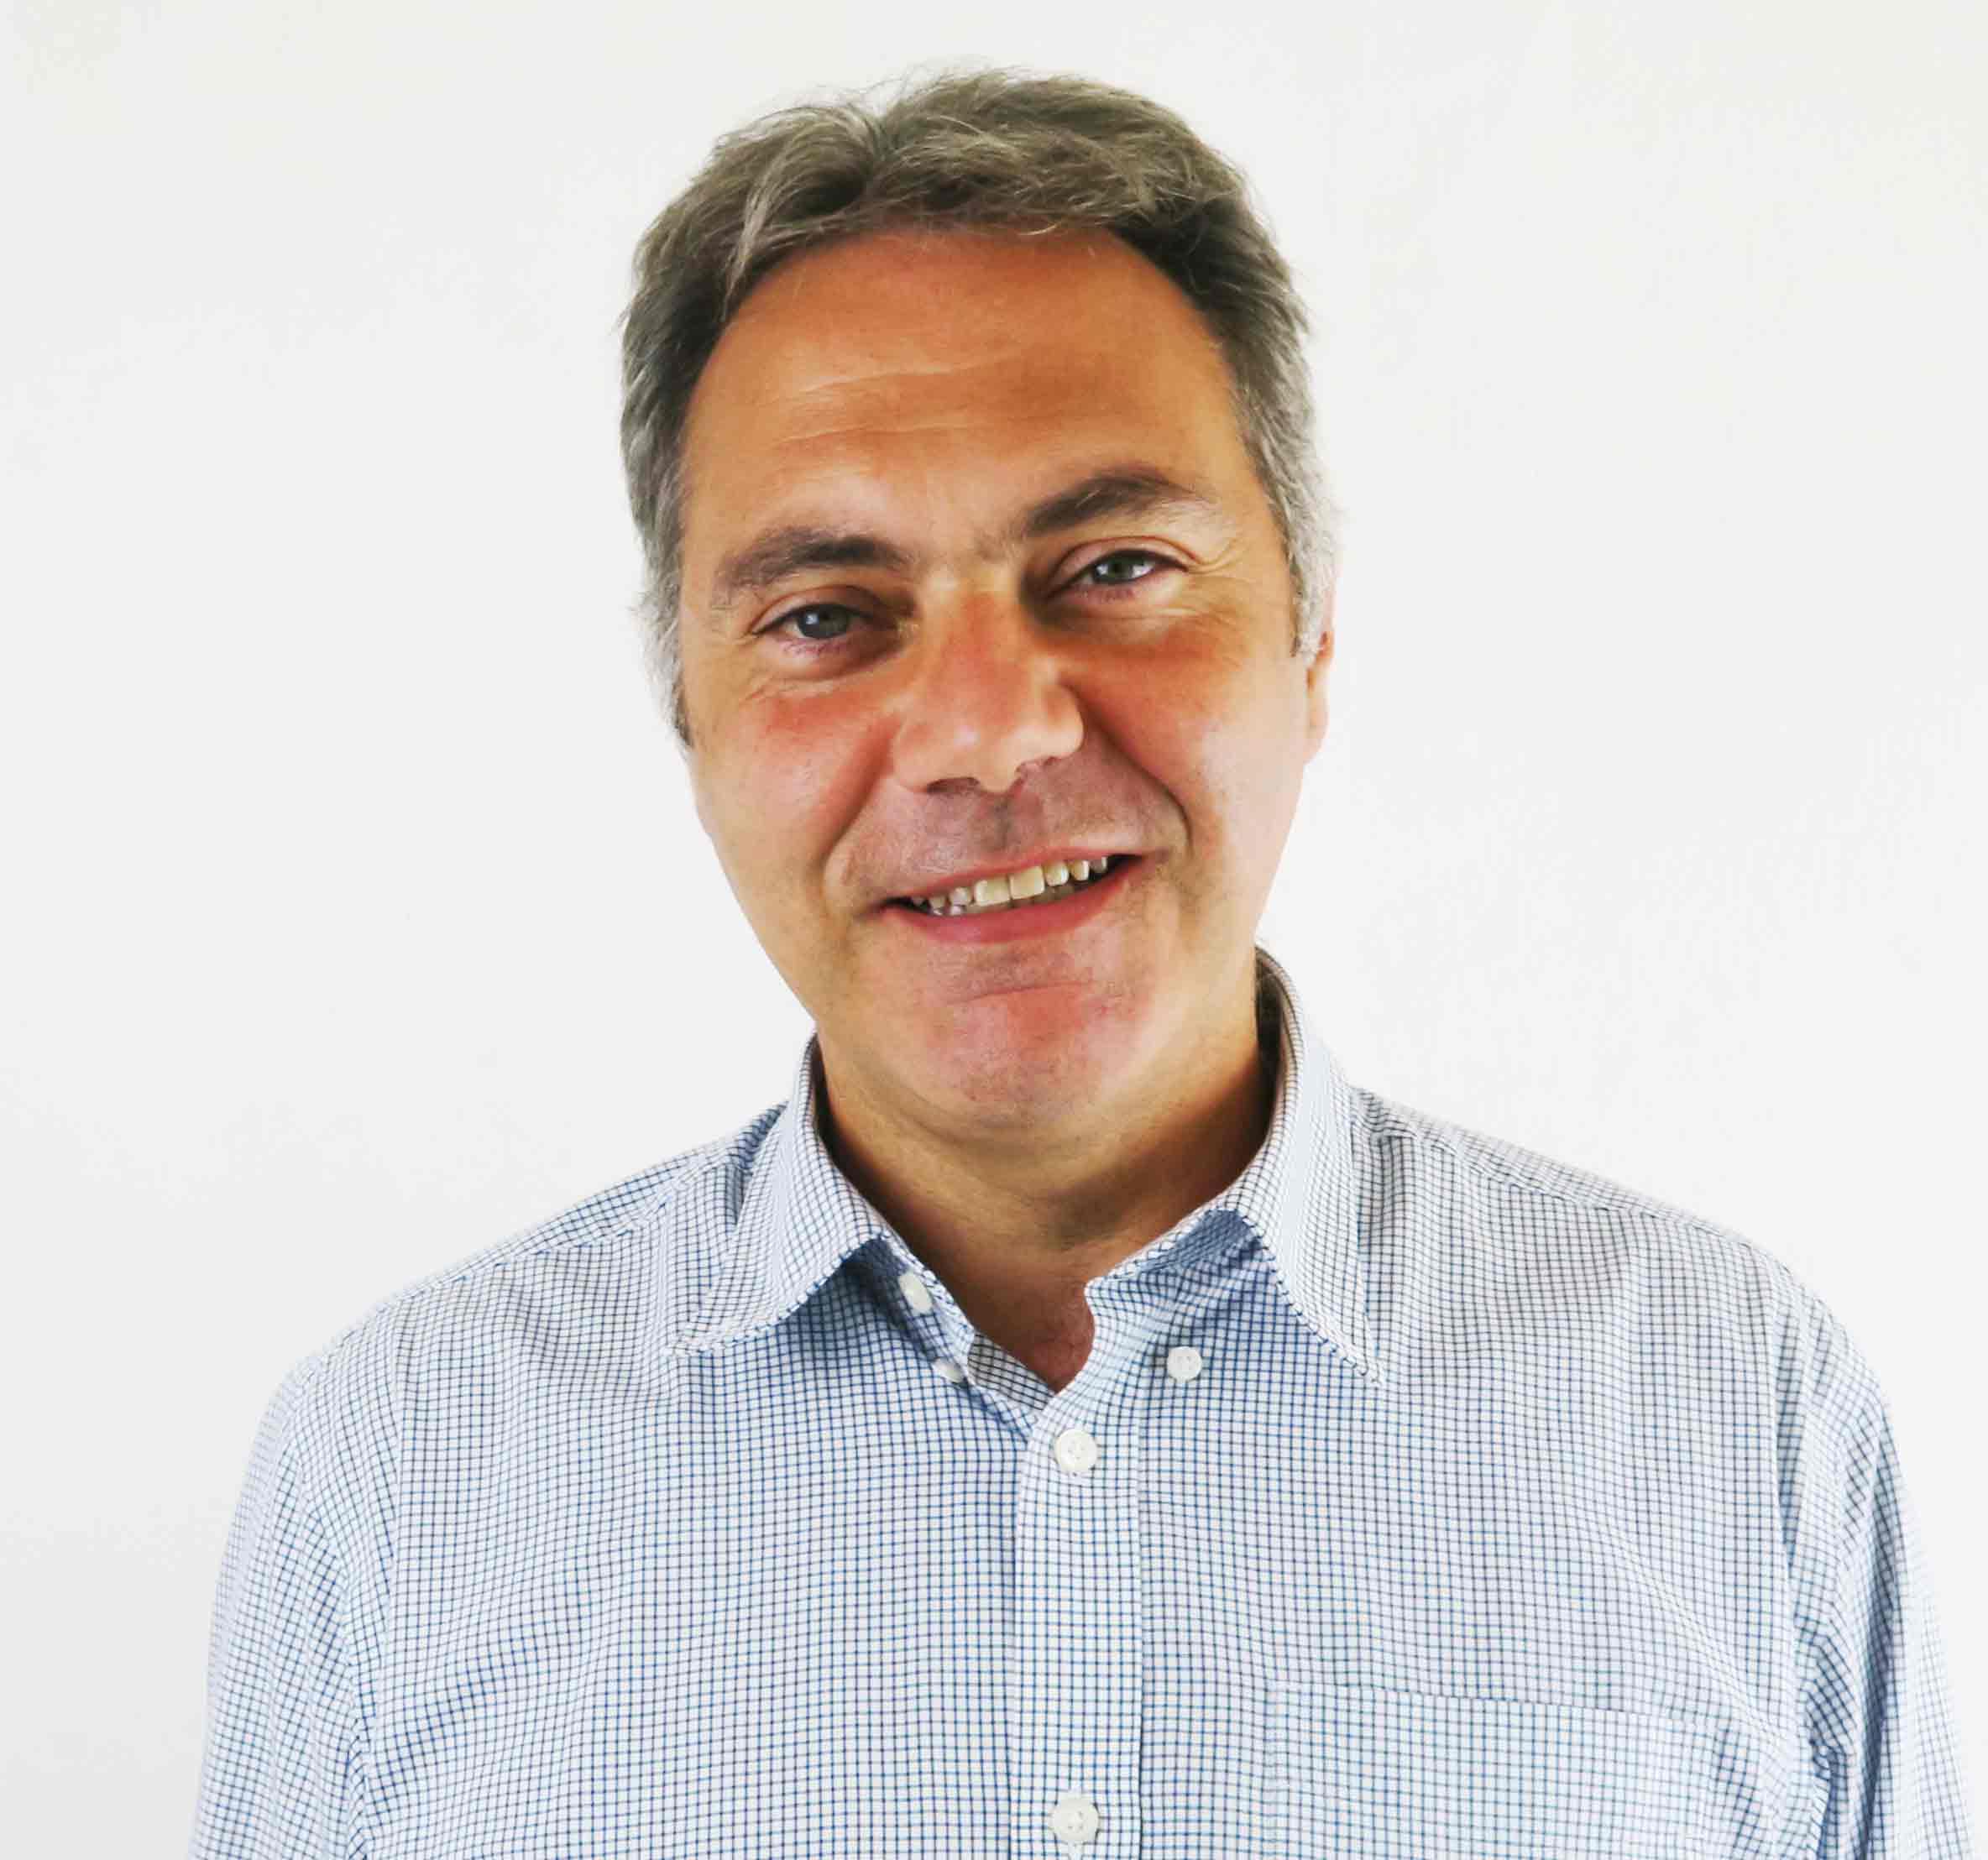 Daniel Simoes